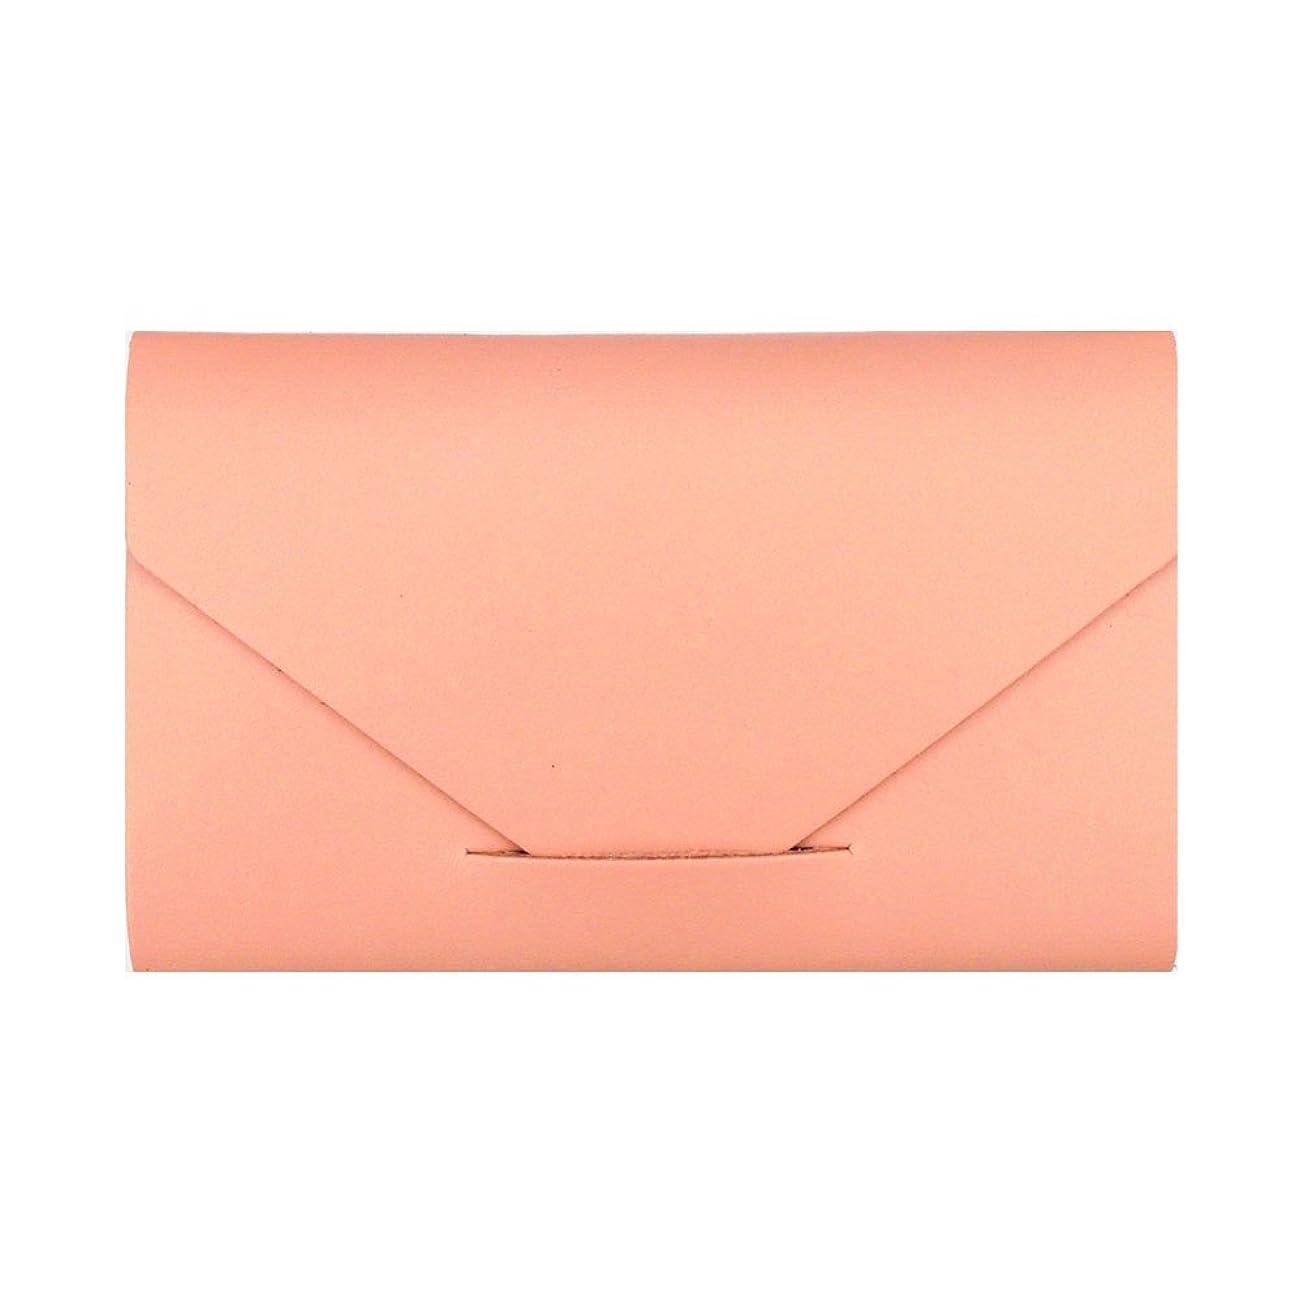 つかまえる雄弁ウェイトレスMODERN AGE TOKYO 2 カードケース(サシェ3種入) ピンク PINK CARD CASE モダンエイジトウキョウツー